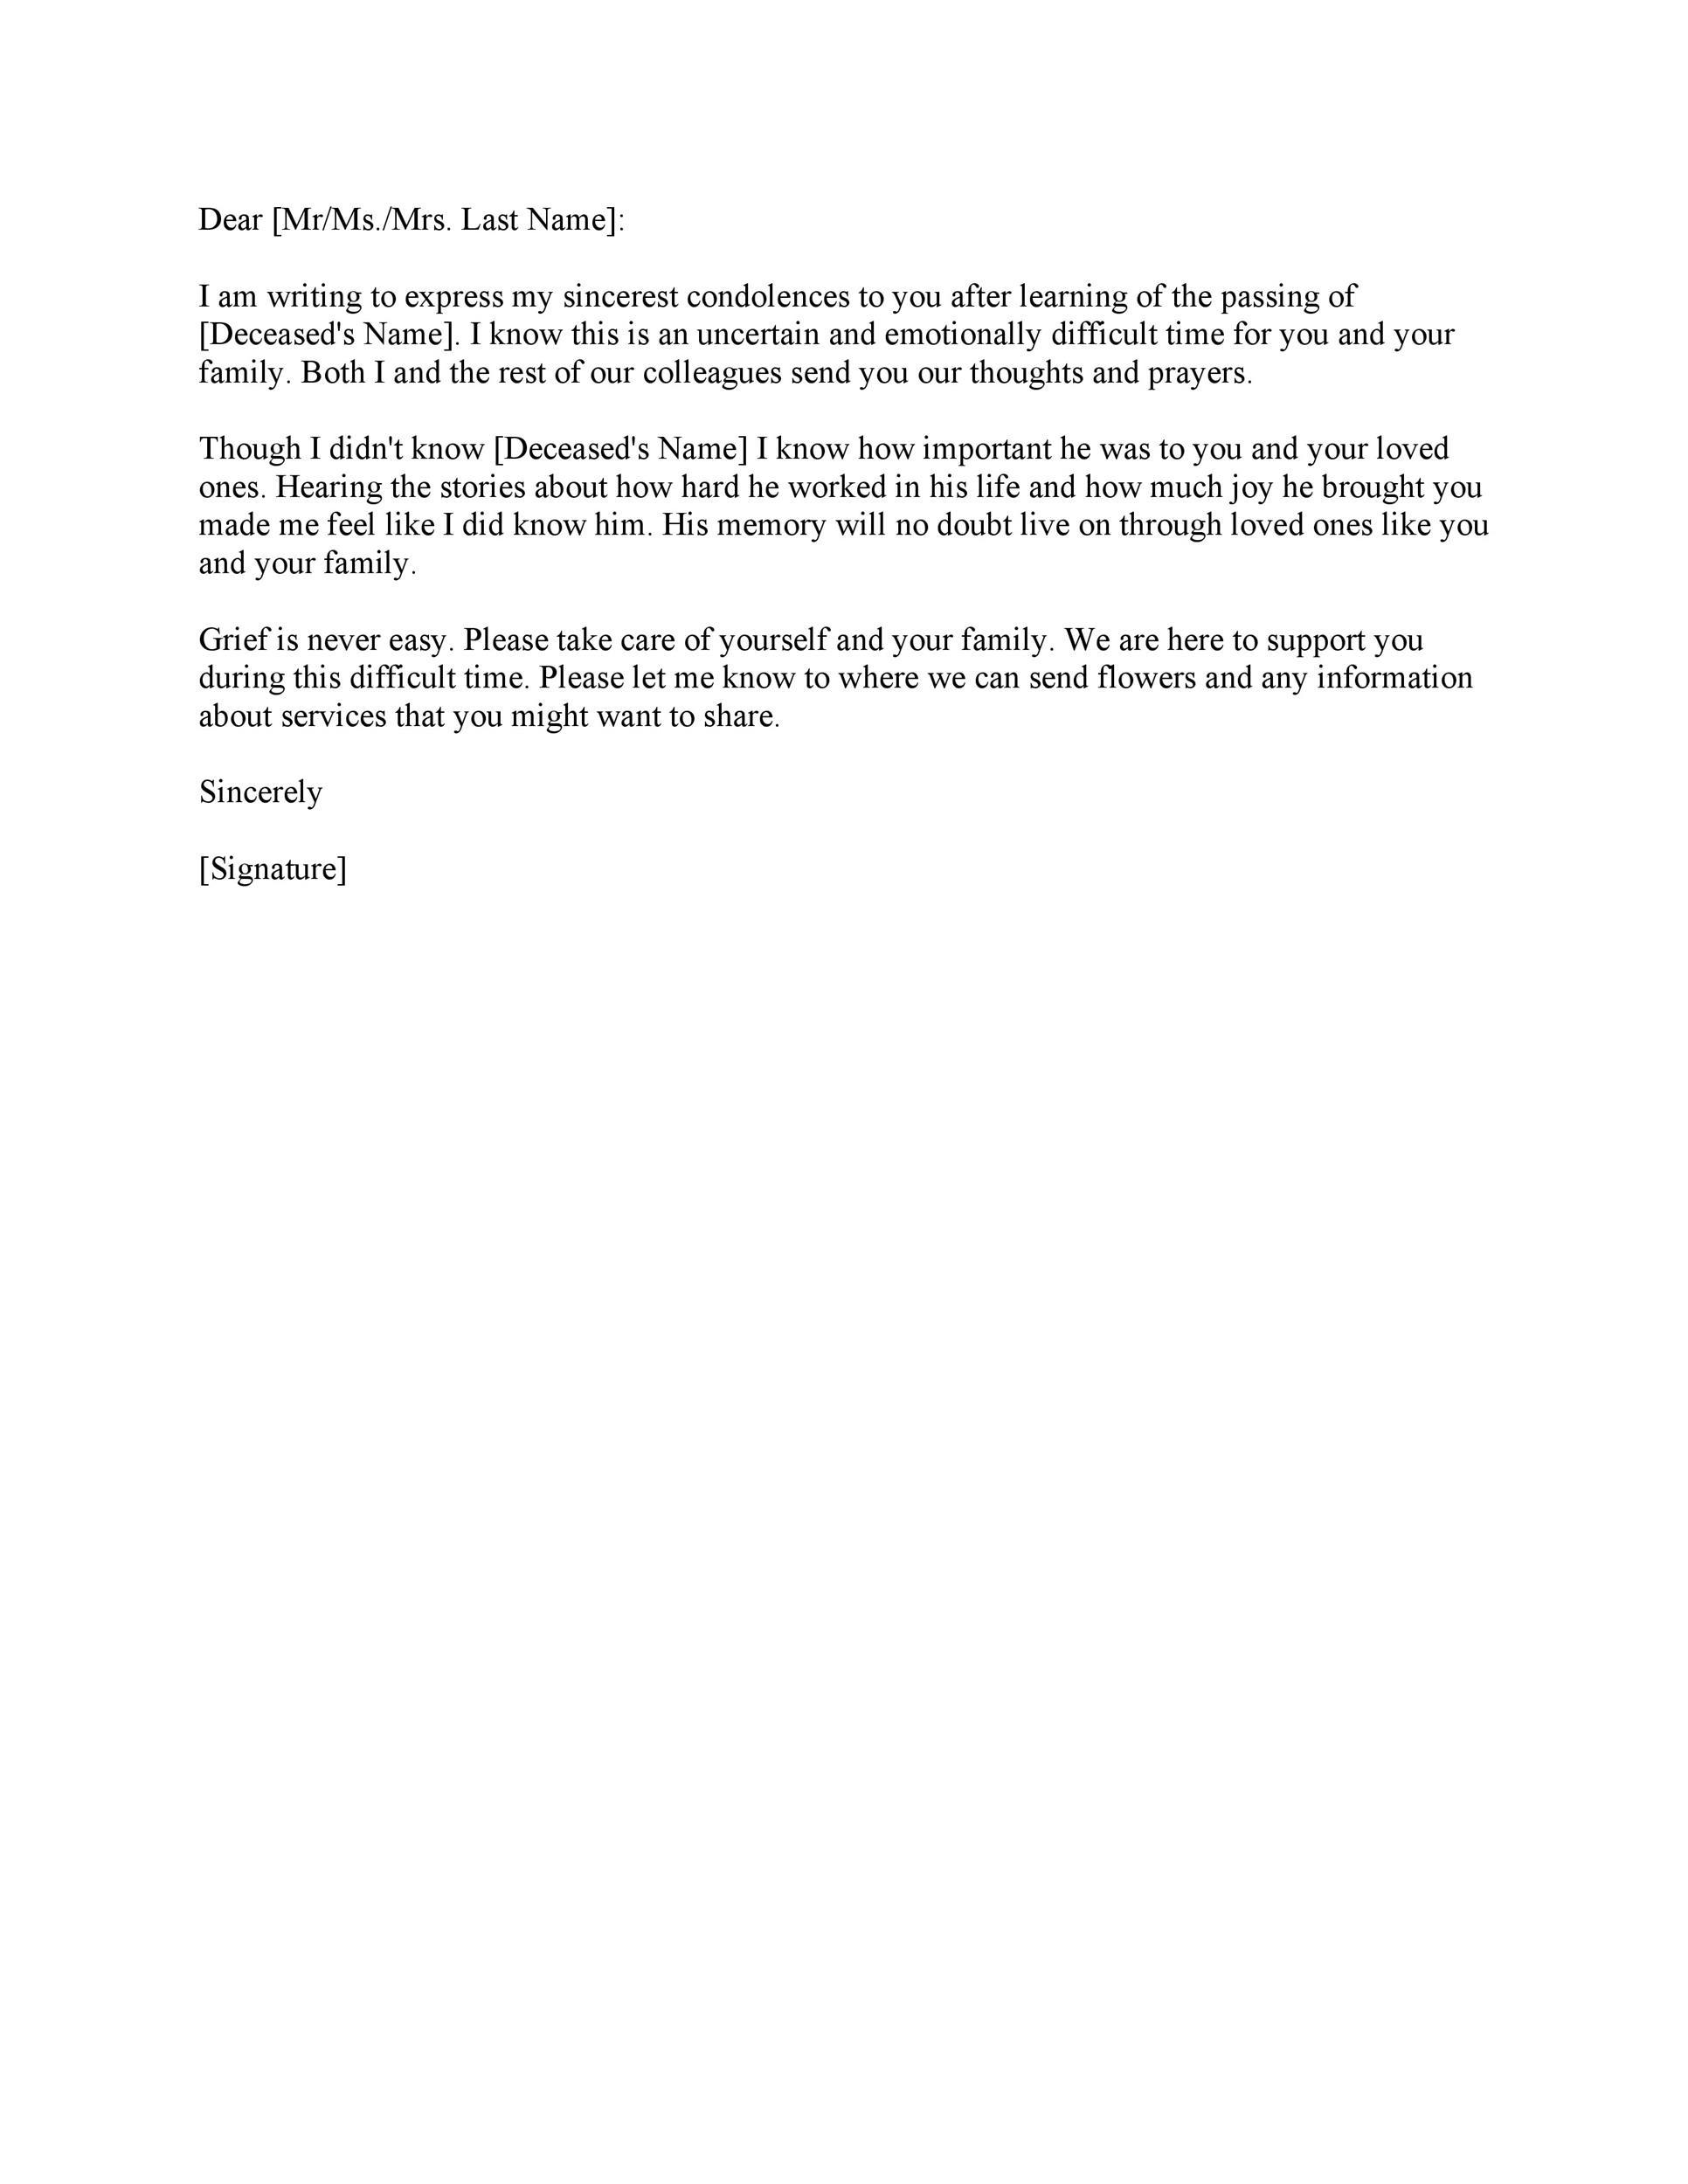 Free condolence letter 21